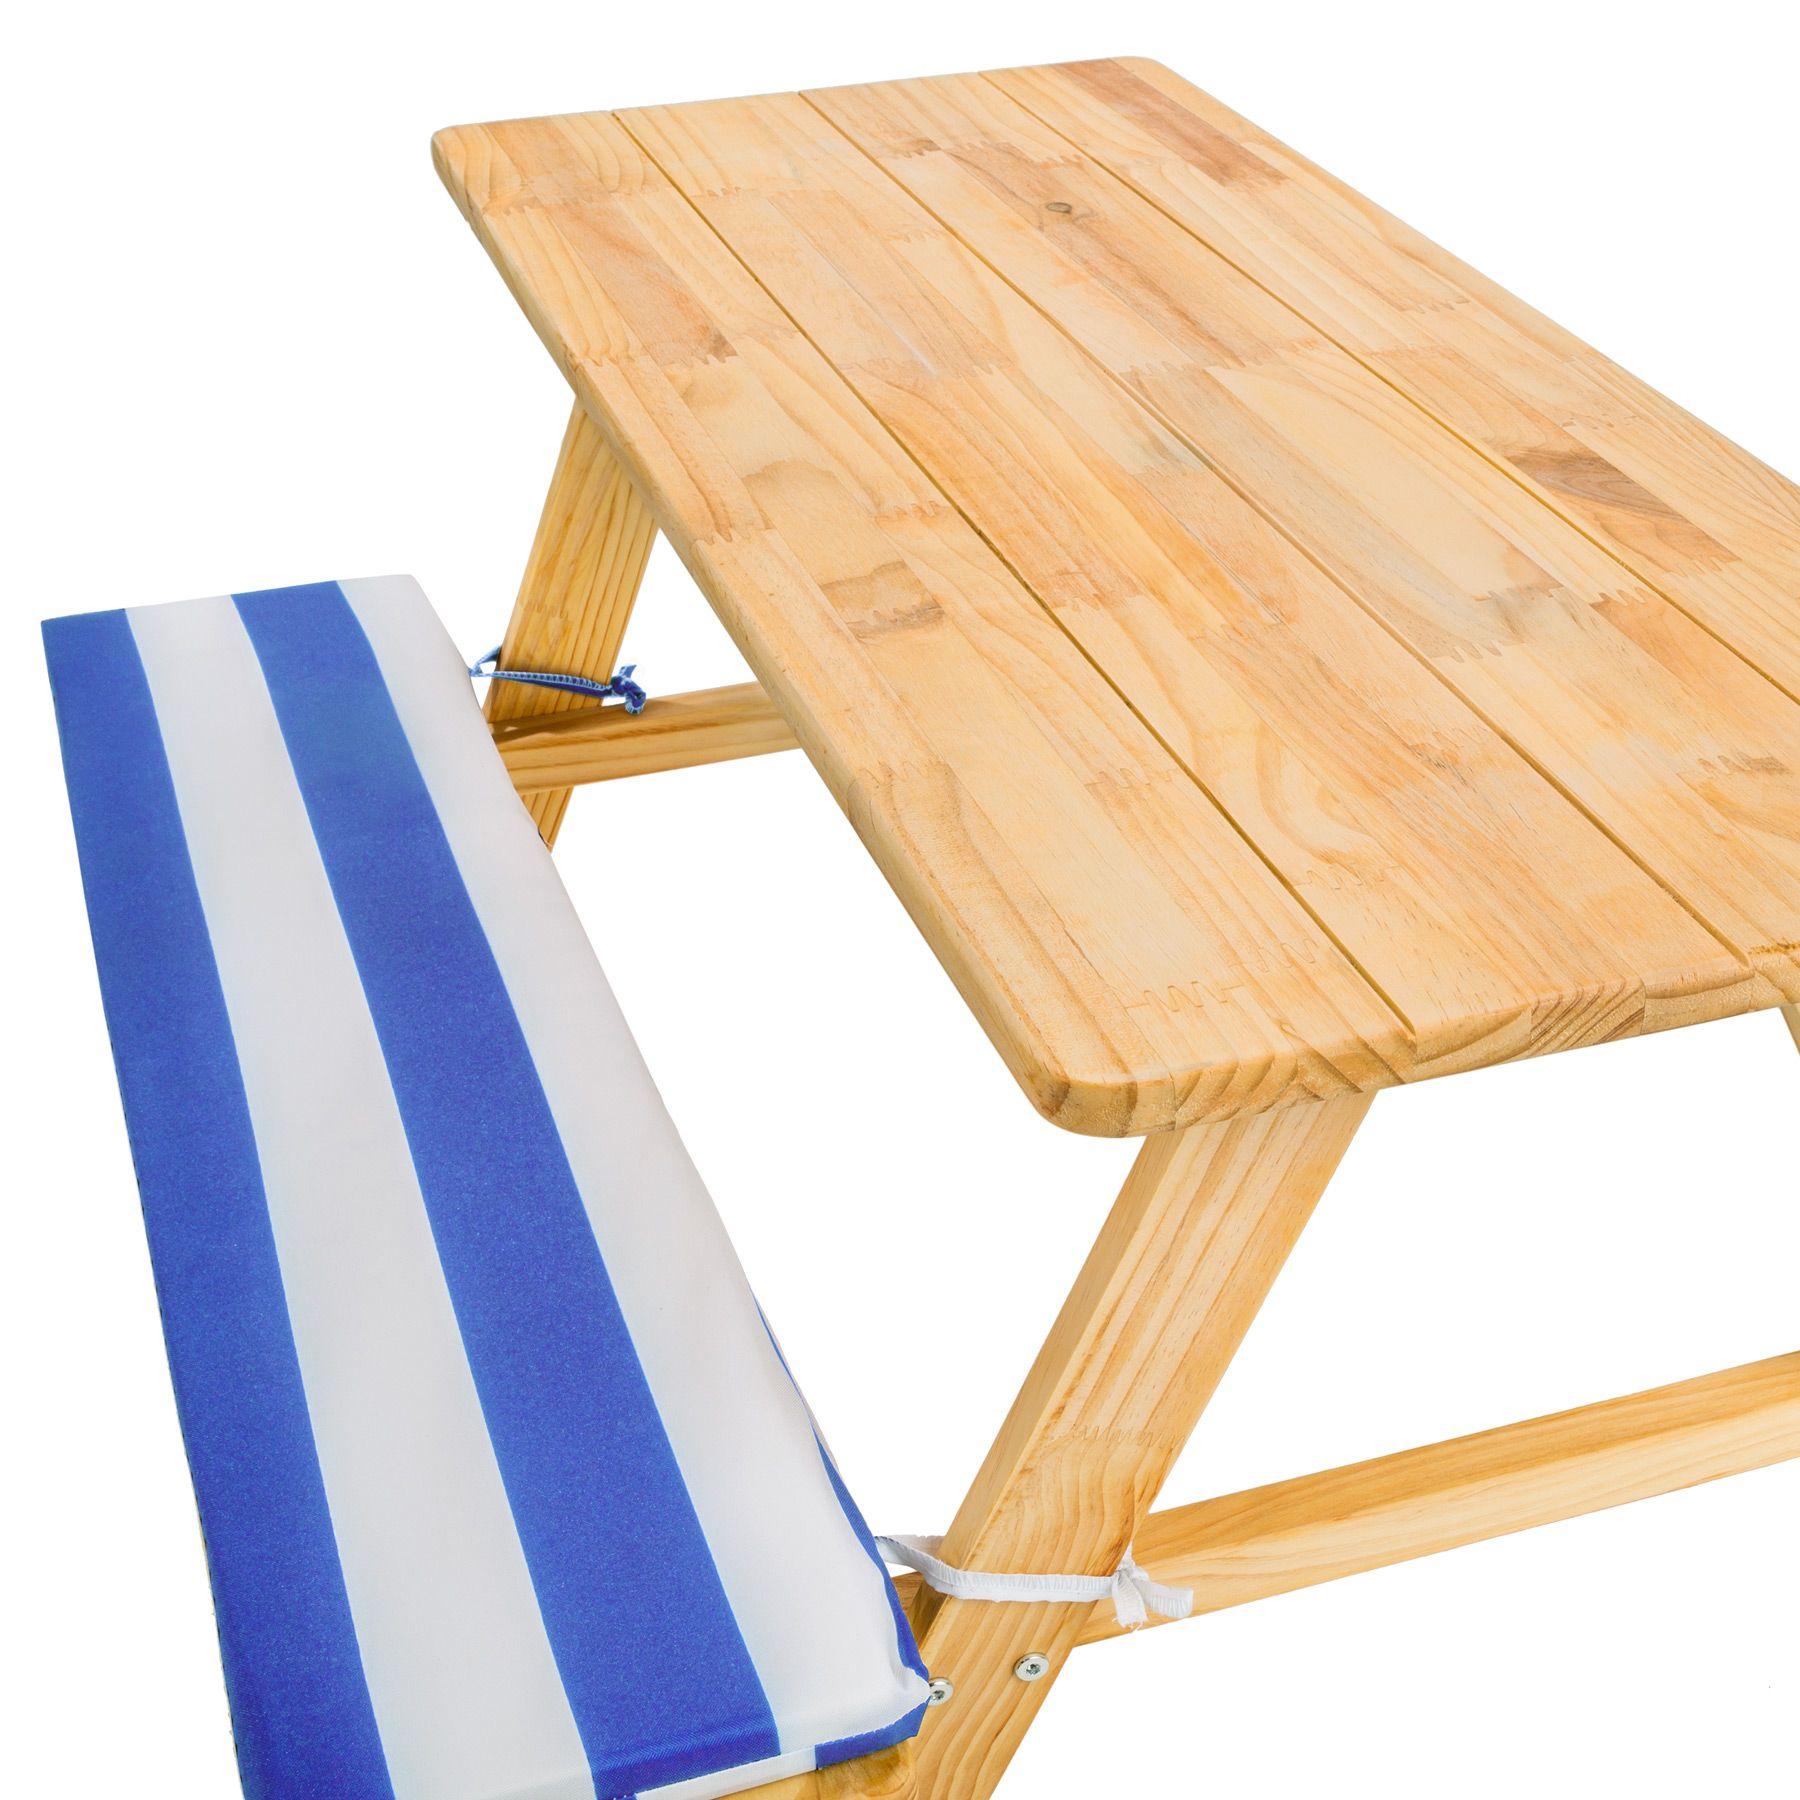 Table bancs de pique-nique meubles enfants bois jardin avec coussins ...